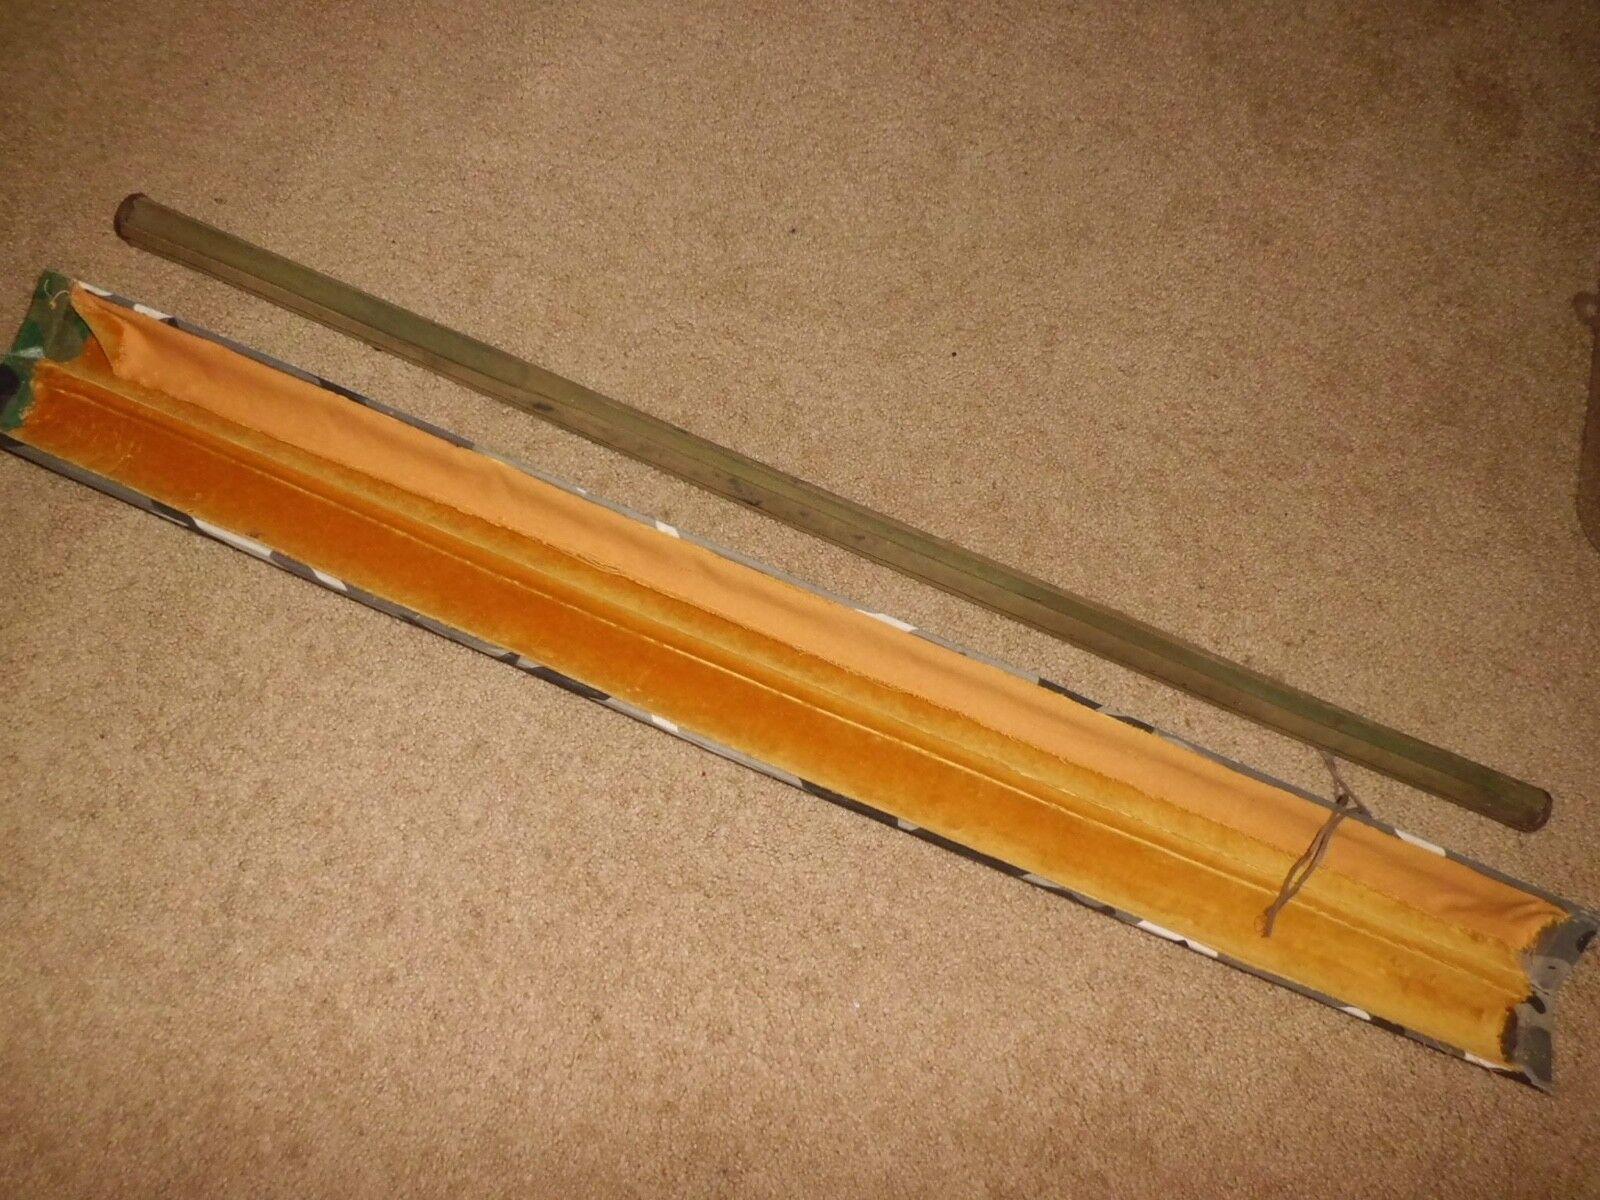 Vintage  Case & Holder for Vintage Split Bamboo 4 pc Fly Rod  fantastic quality